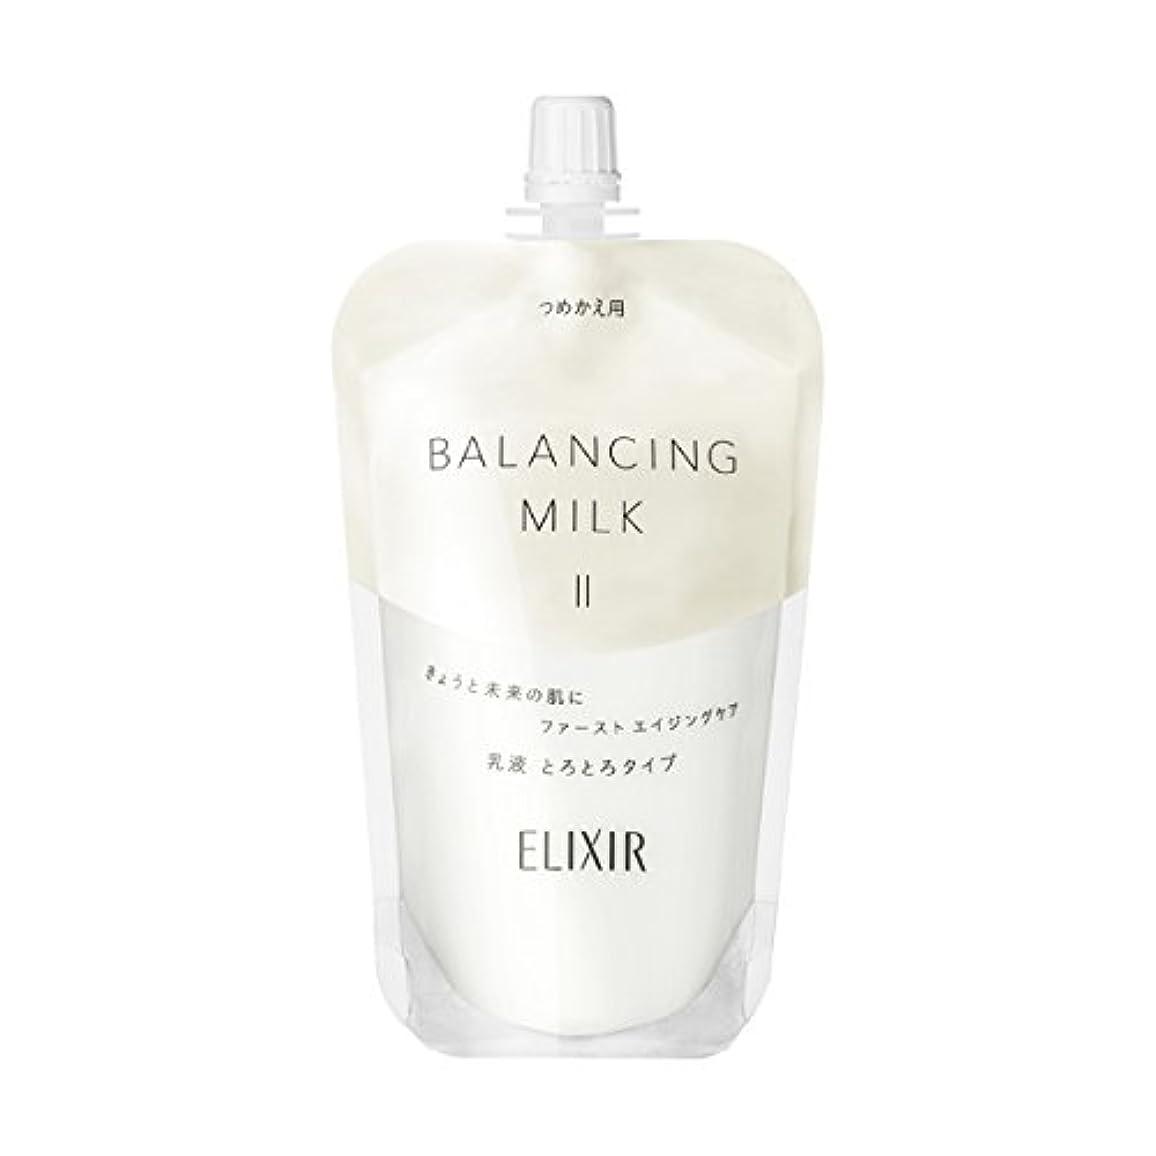 瀬戸際カビ百万エリクシール ルフレ バランシング ミルク 乳液 2 (とろとろタイプ) (つめかえ用) 110mL